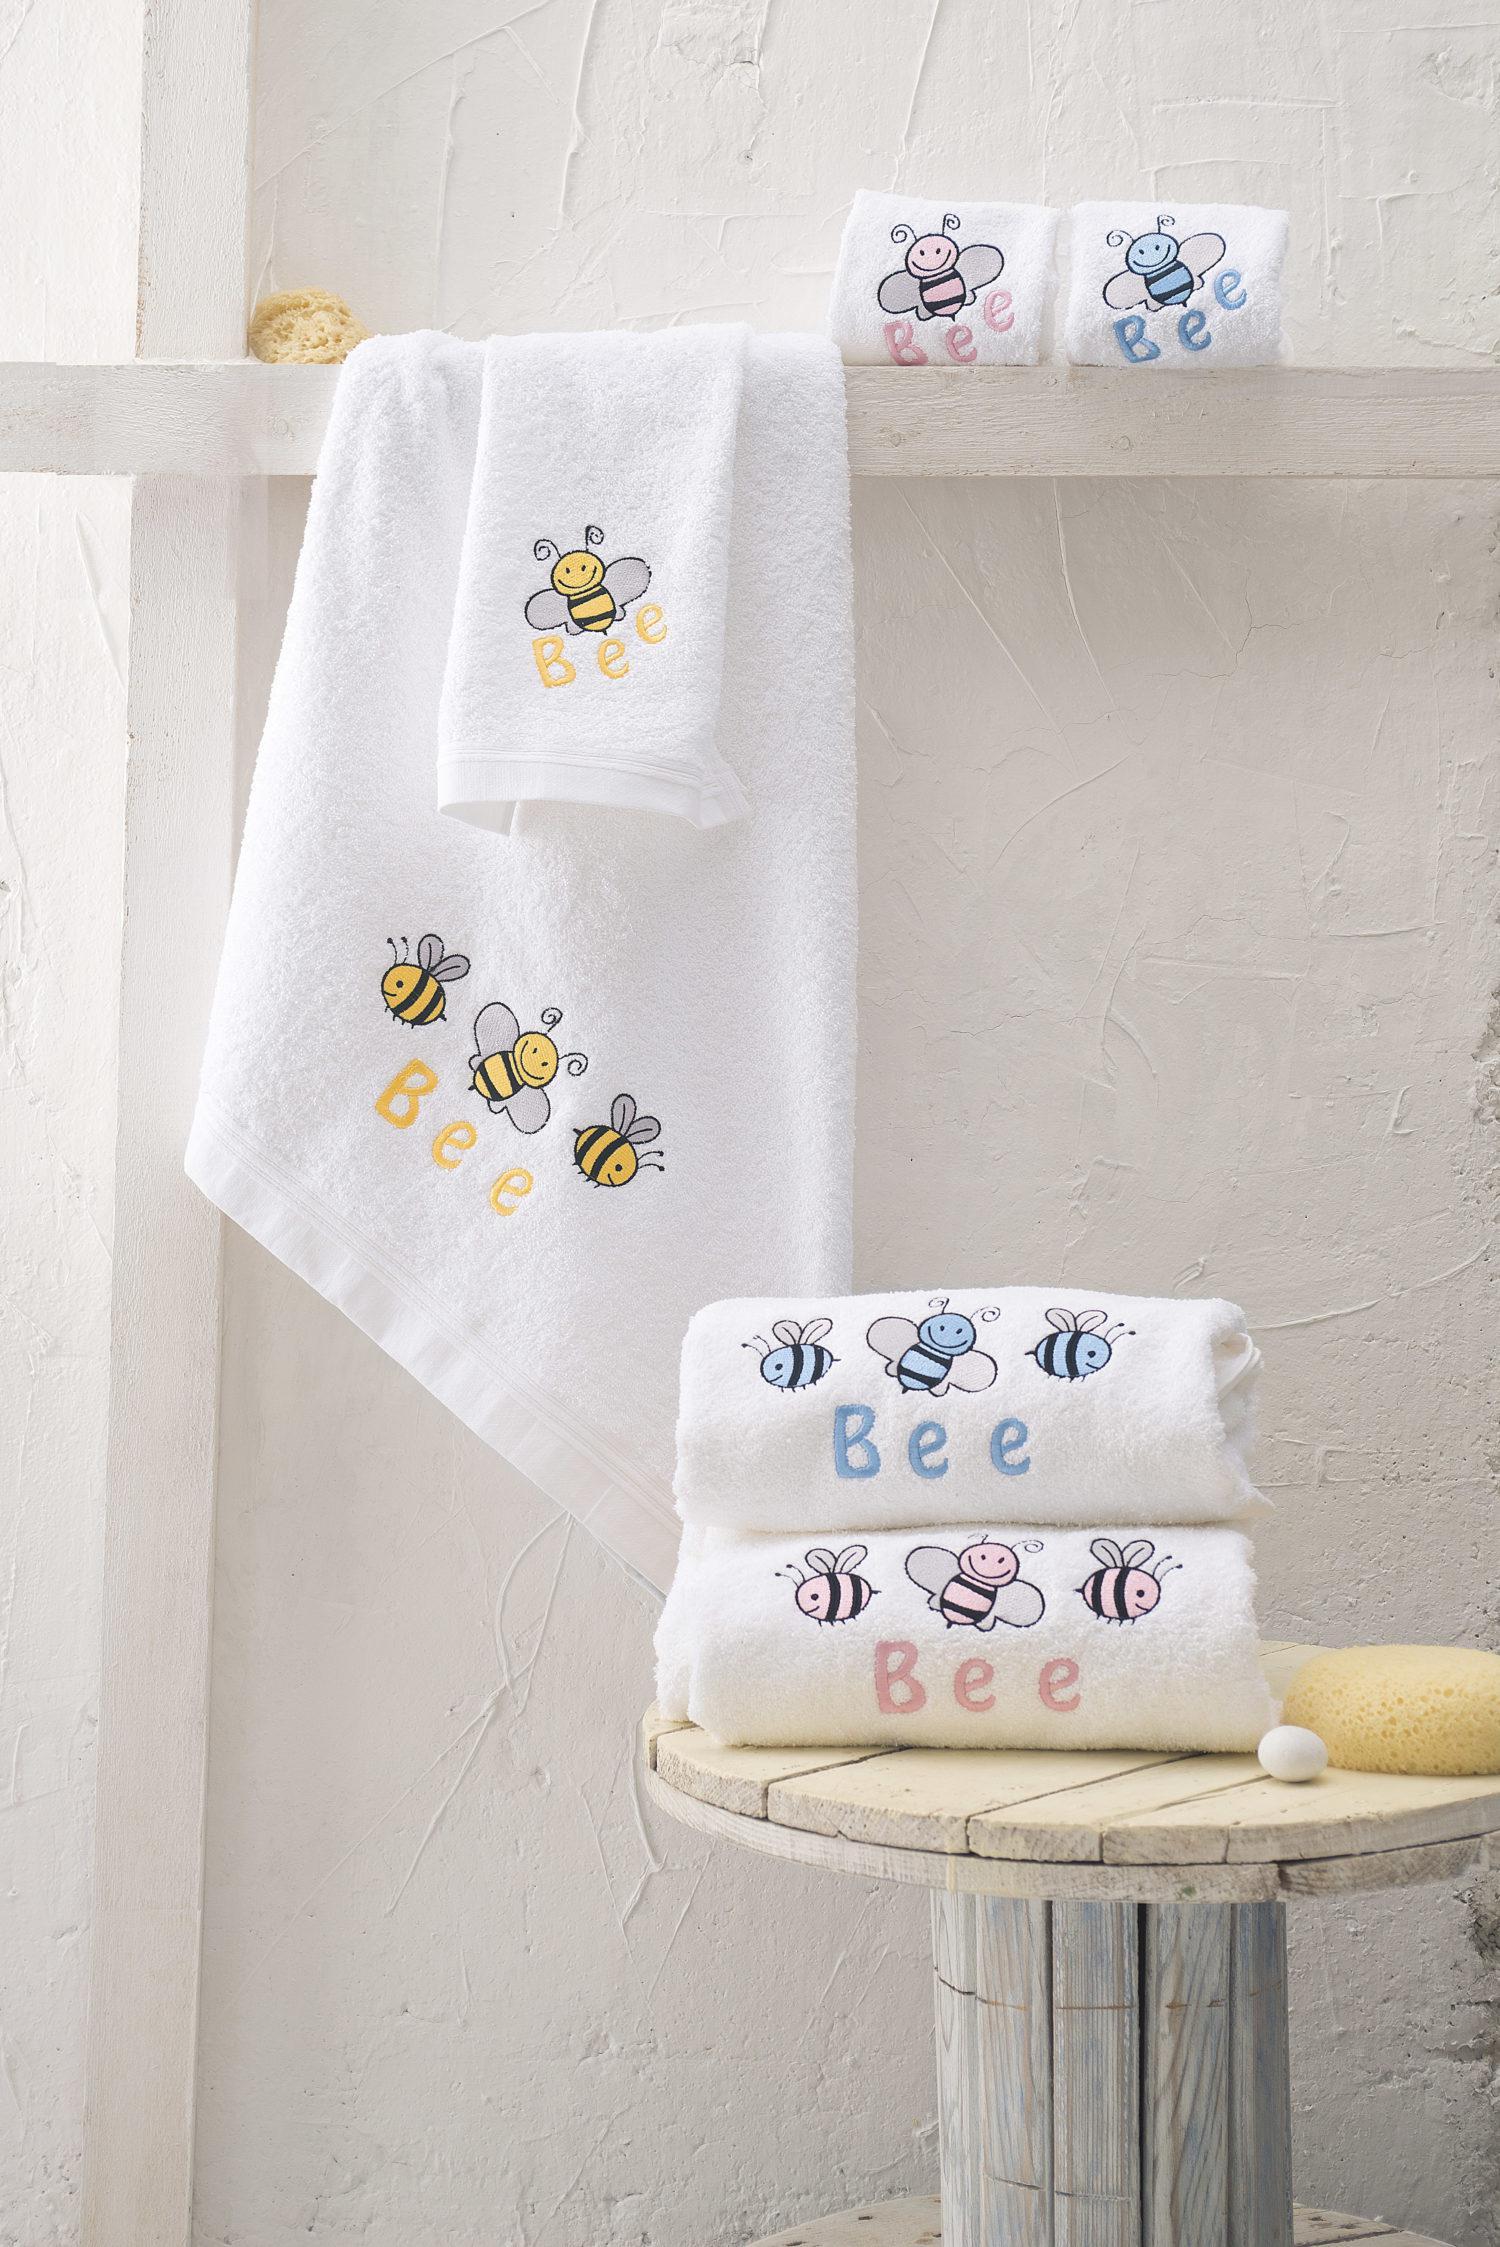 Rythmos Honey Bee- Σετ Πετσετεσ Παιδικεσ 2Τεμ. Κιτρινο Σετ 2 Τεμαχια (30X50 70X140)